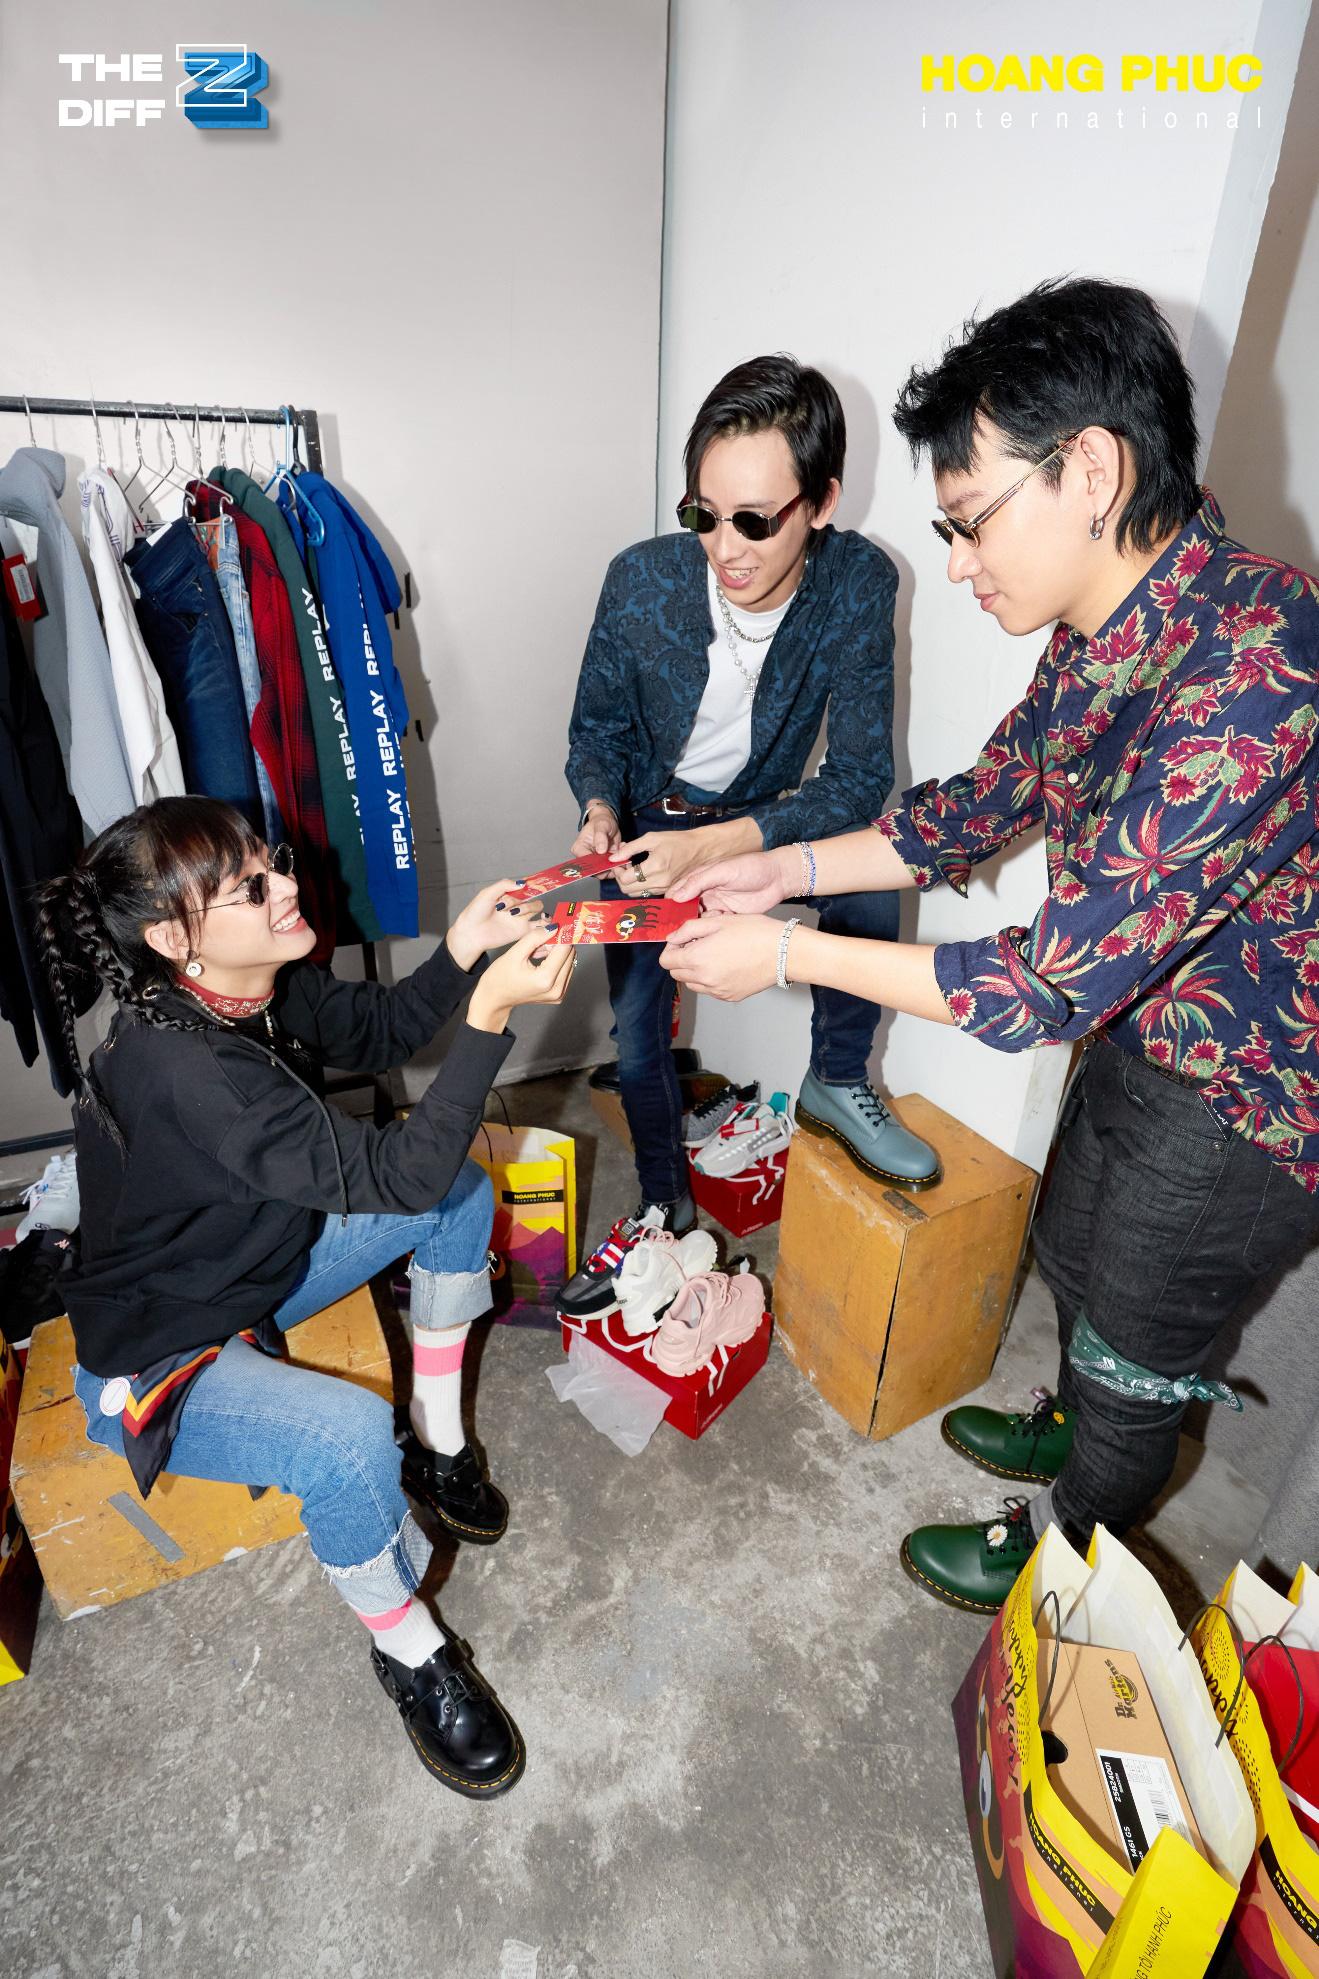 Tự tin và khác biệt cùng THE DIFF Z - Bộ ảnh thời trang Tết Tân Sửu 2021 từ HOANG PHUC International hợp tác cùng stylist của Binz - Ảnh 8.